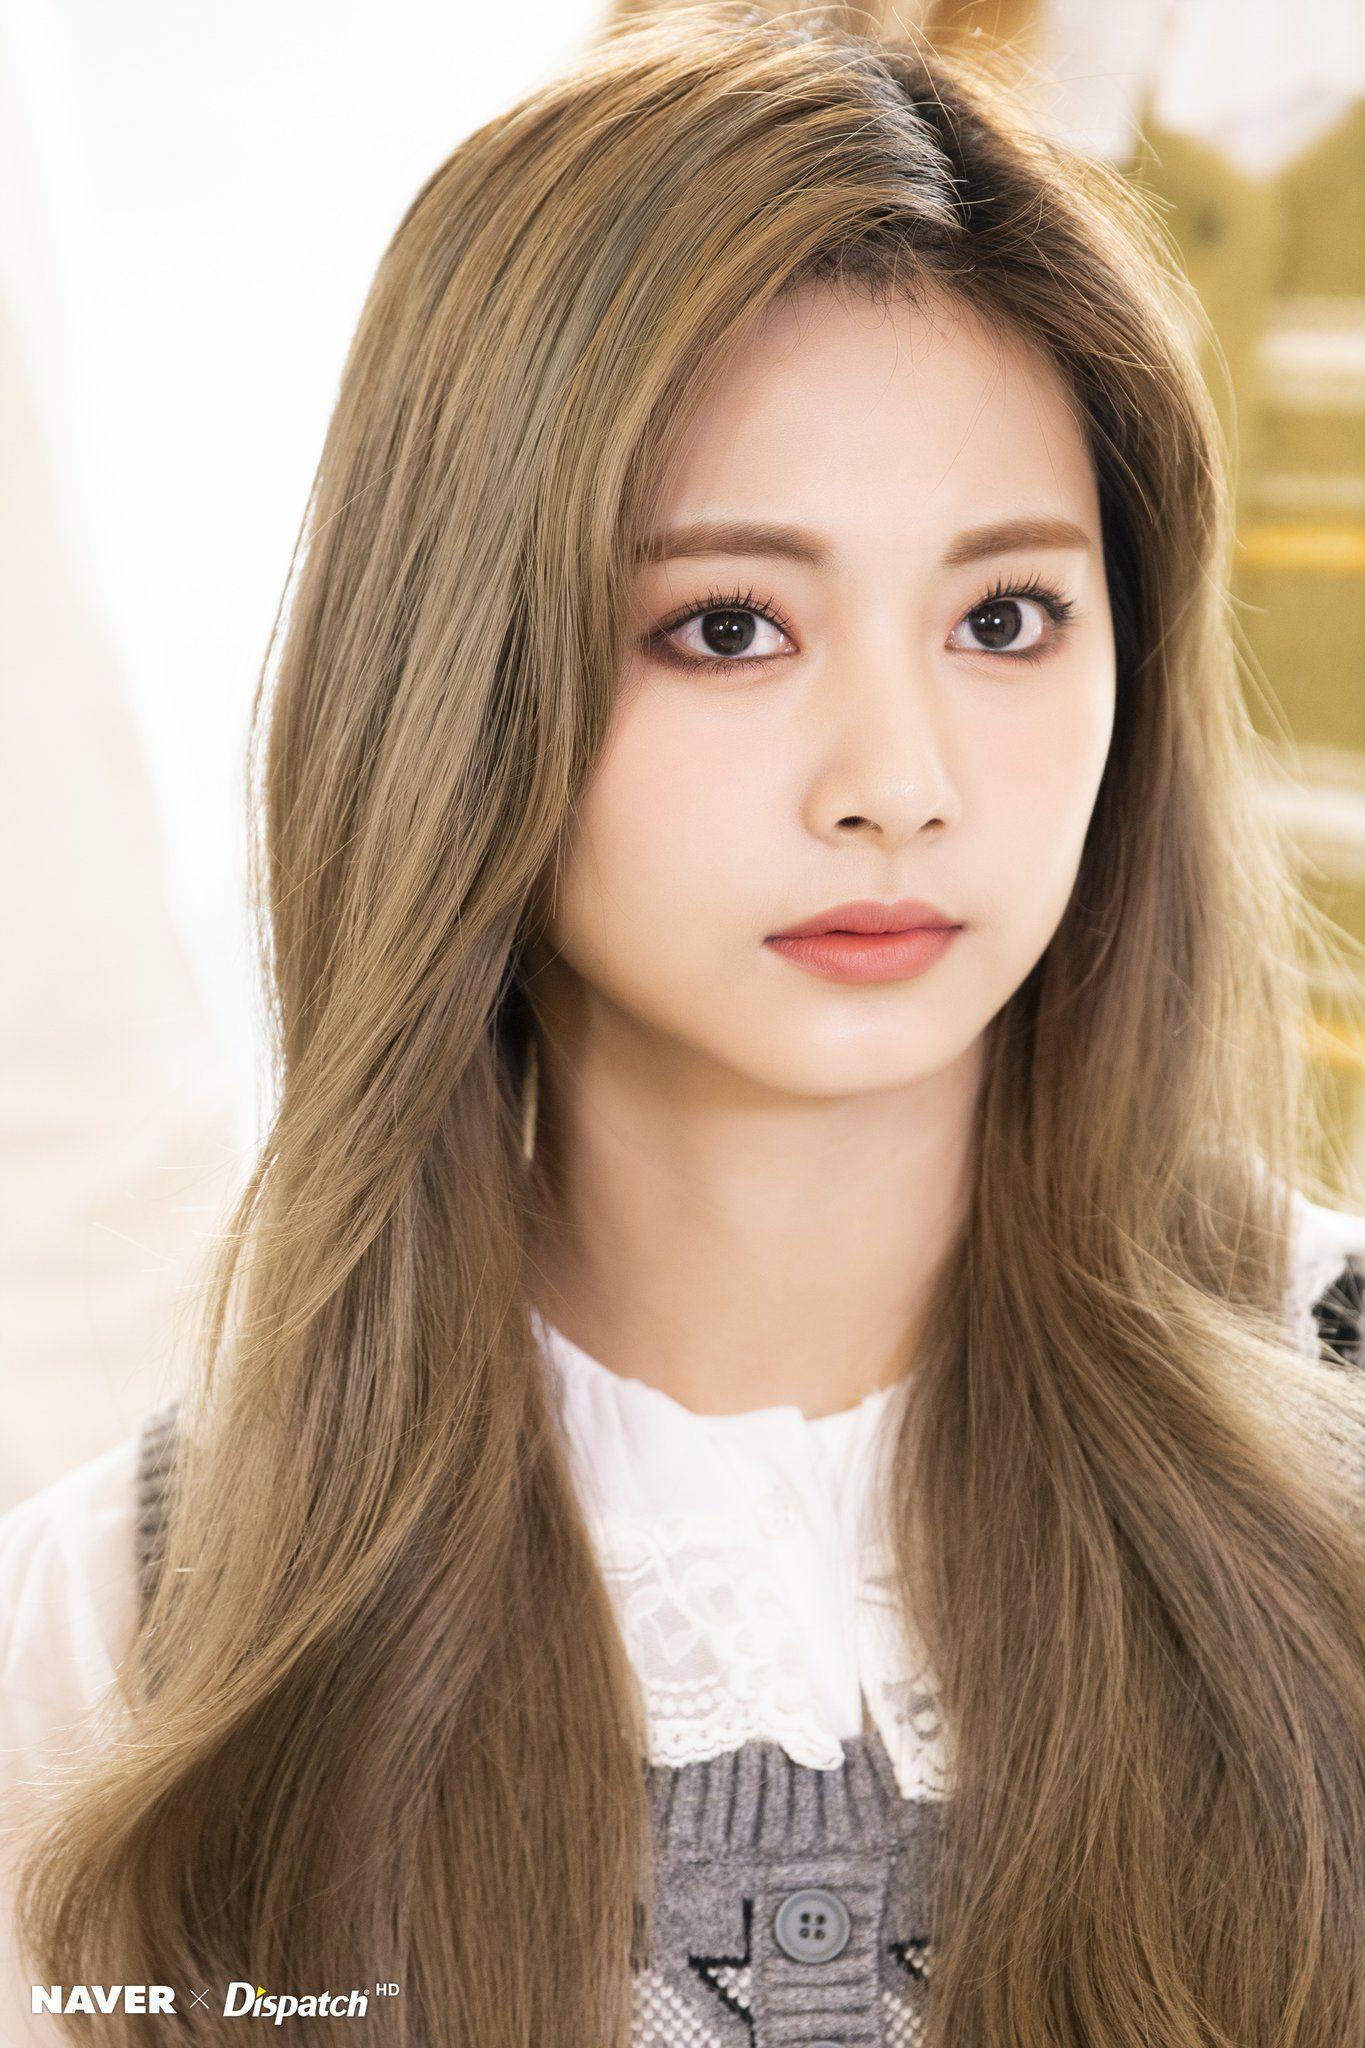 misa •ᴗ• on Twitter in 11  Beauty, Long hair styles, Tzuyu twice